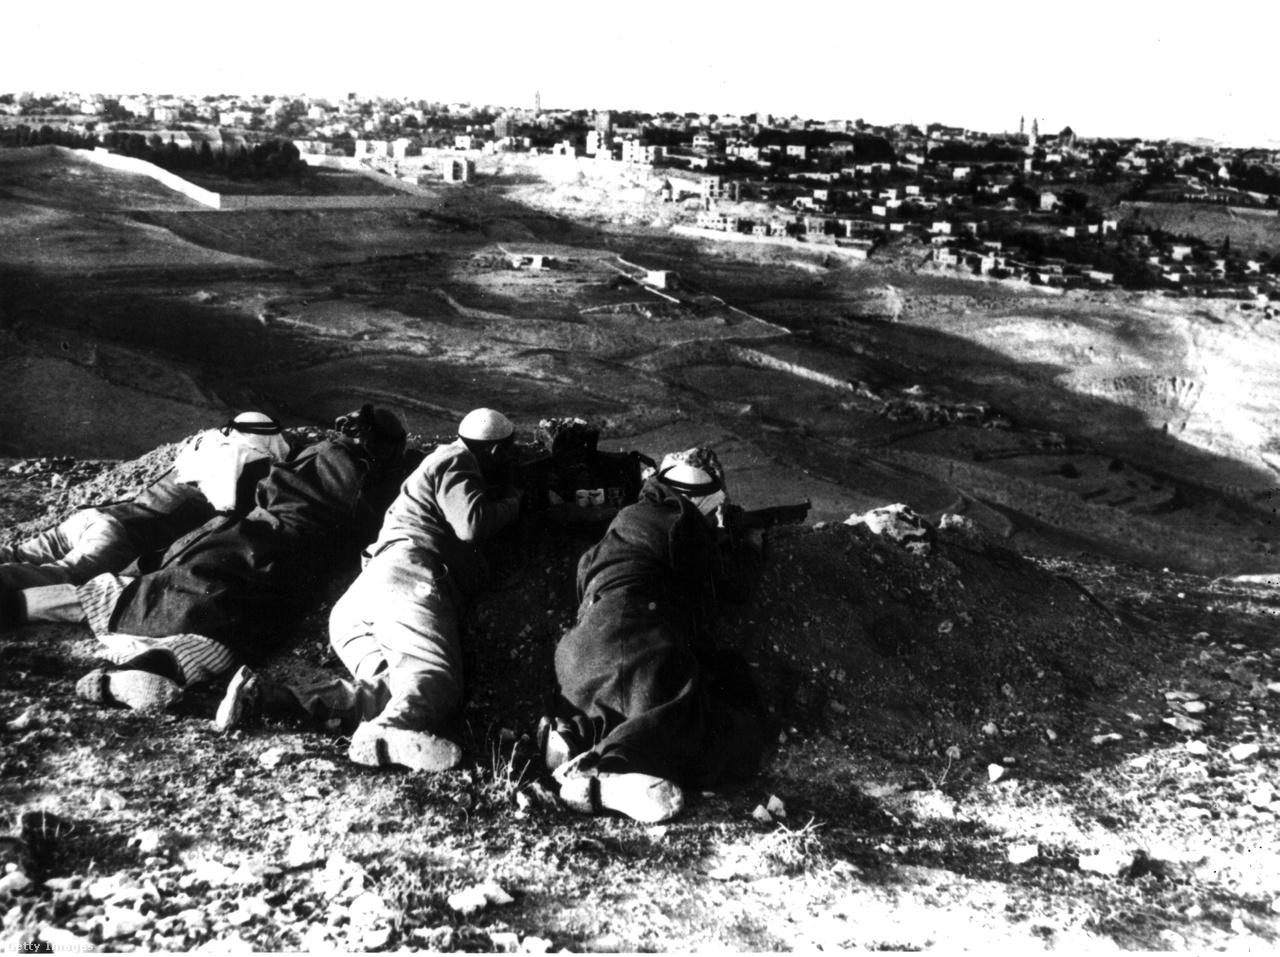 1947 novemberében az ENSZ Közgyűlése olyan határozatról döntött, amely egy arab és egy izraeli államot hozott volna létre, míg Jeruzsálem ENSZ-felügyelet alatt, különleges státuszát figyelembe véve ezeken kívül létezett volna. Ez a terv ugyanakkor ebben a formában soha nem valósult meg.                          Dávid Ben-Gúrión későbbi miniszterelnök 1948. május 14-én kiáltotta ki a független Izrael államot. Izrael kikiáltásának másnapján Libanon, Szíria, Jordánia, Egyiptom és Irak hadseregei átlépték a határt, és kitört az első arab-izraeli háború.